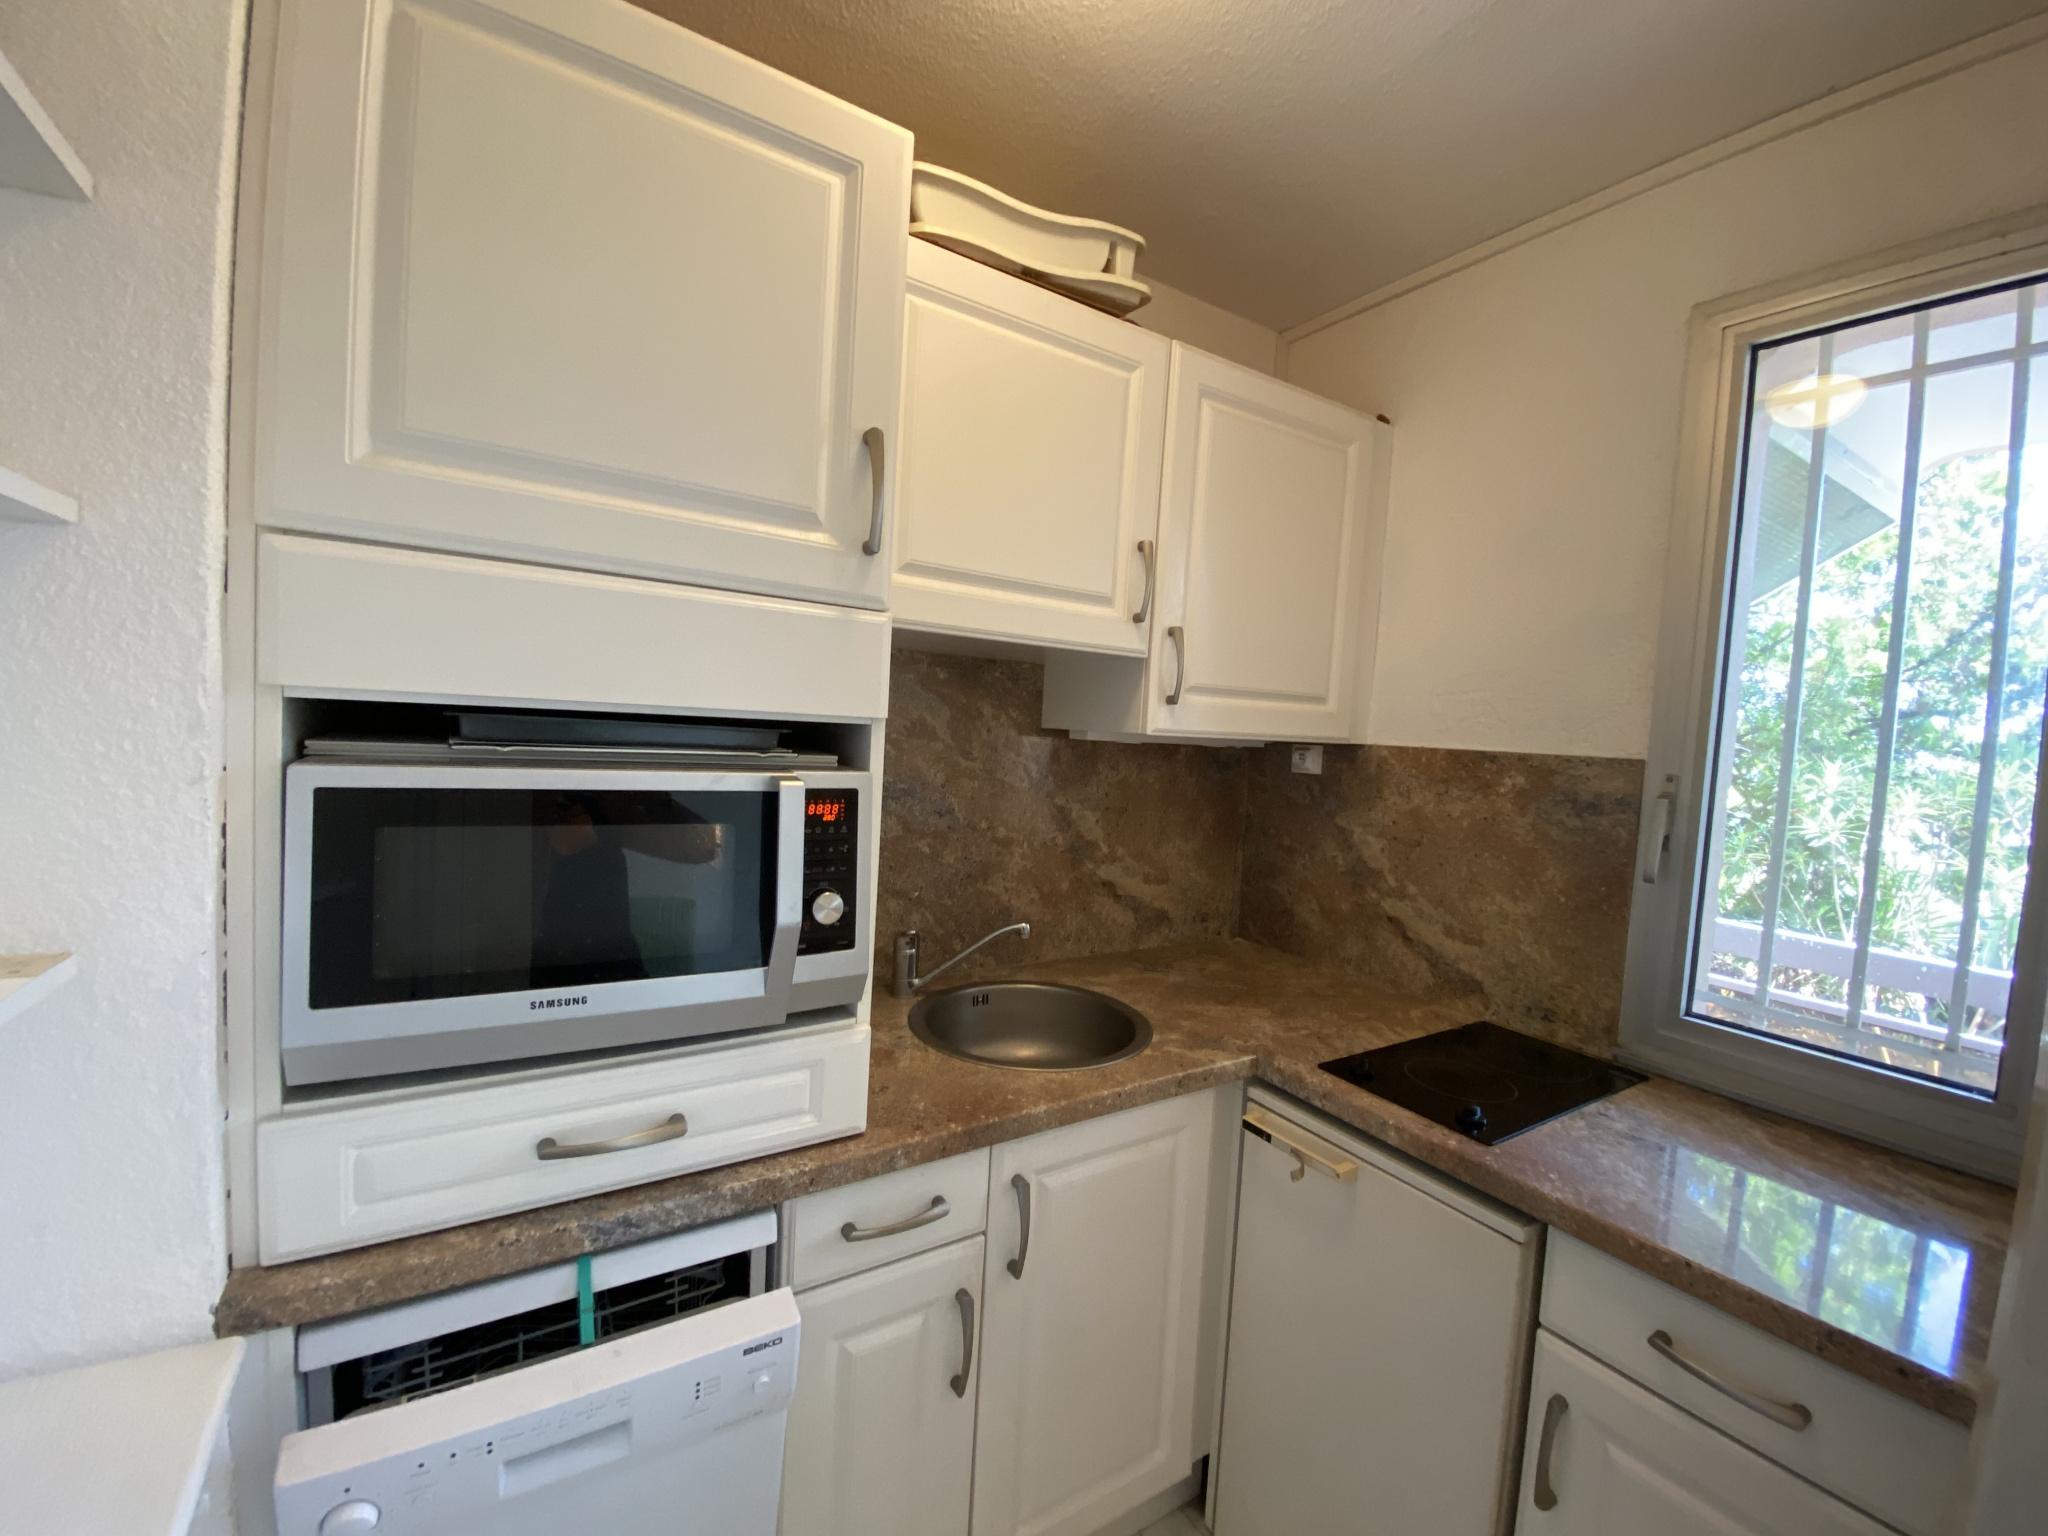 À vendre appartement de 60m2 à argeles sur mer (66700) - Photo 1'